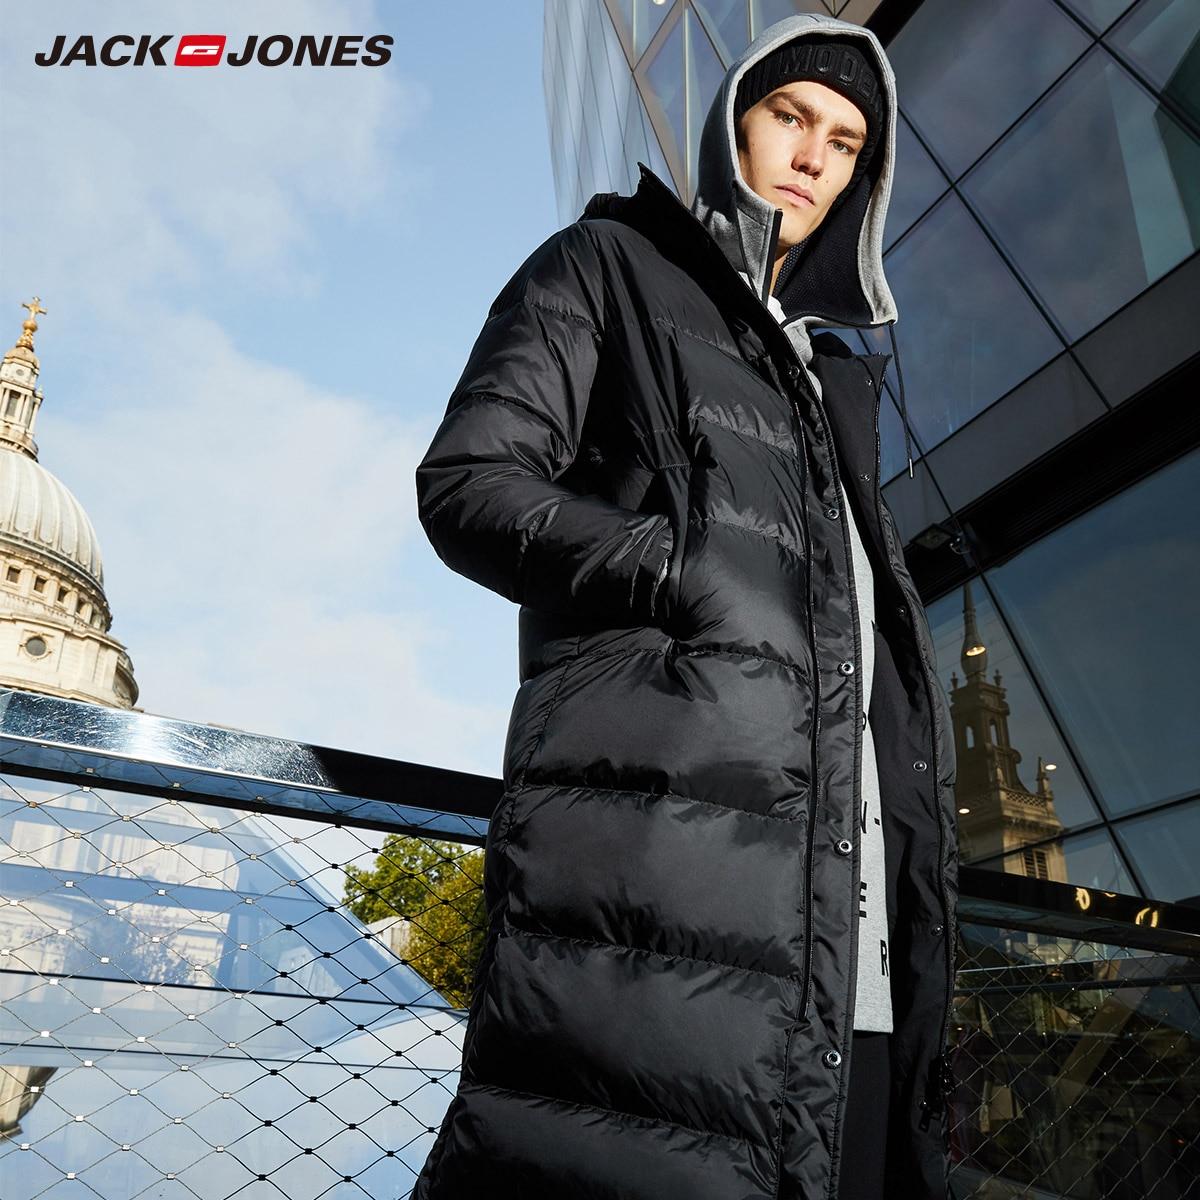 JackJones hommes D'hiver Longue À Capuche En Plein Air Vêtements D'hiver Mâle décontracté mode vers le bas jacketCoat Masculine | 218312528